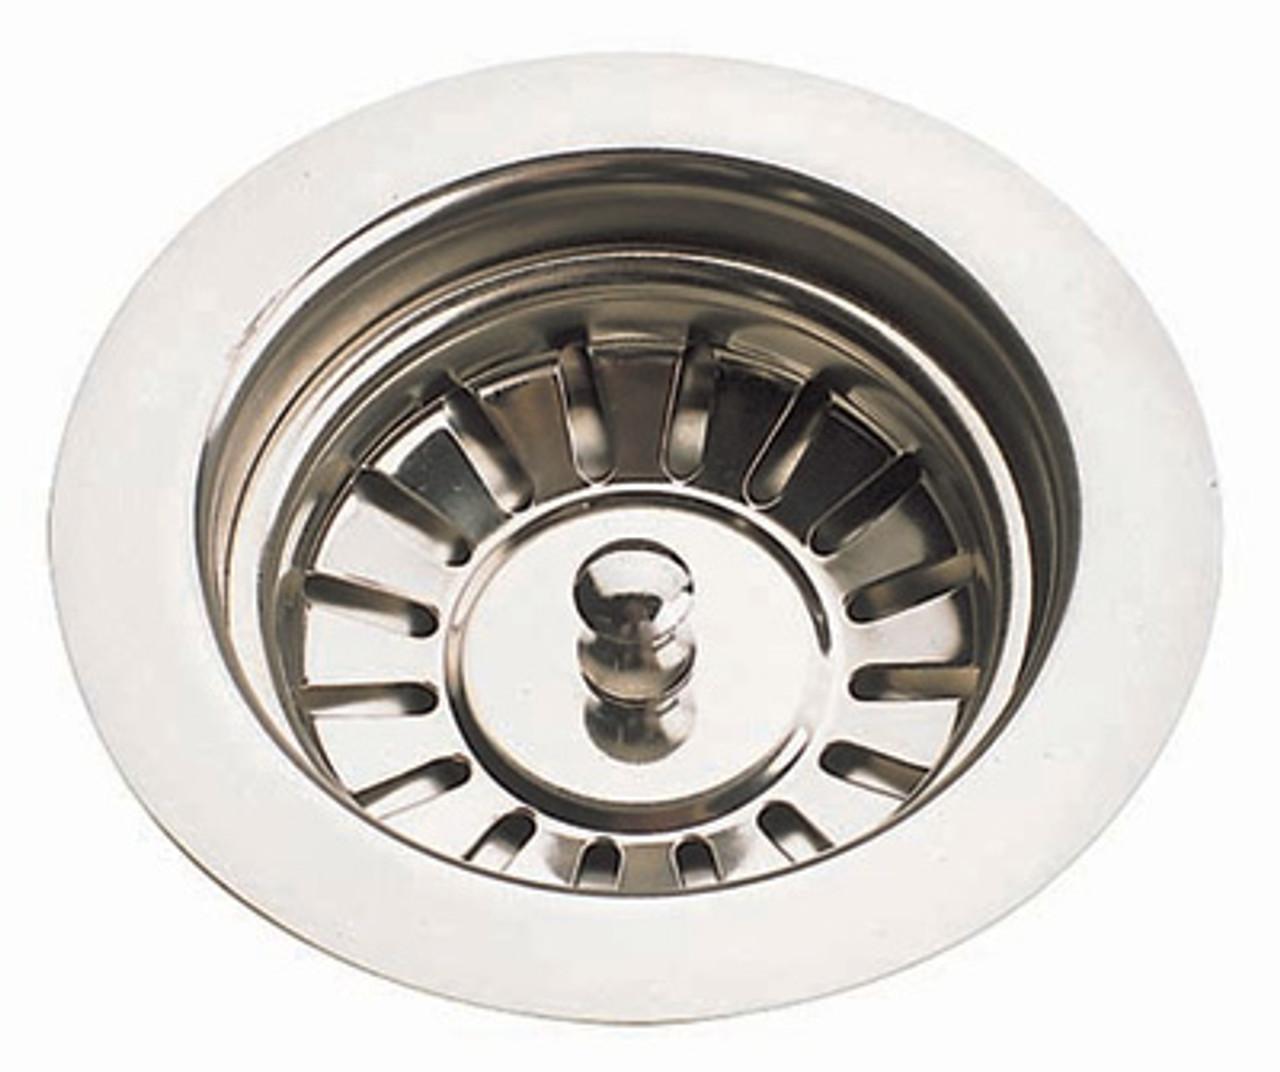 brass traditional sinks by mcalpine 90mm ceramic kitchen sink strainer waste